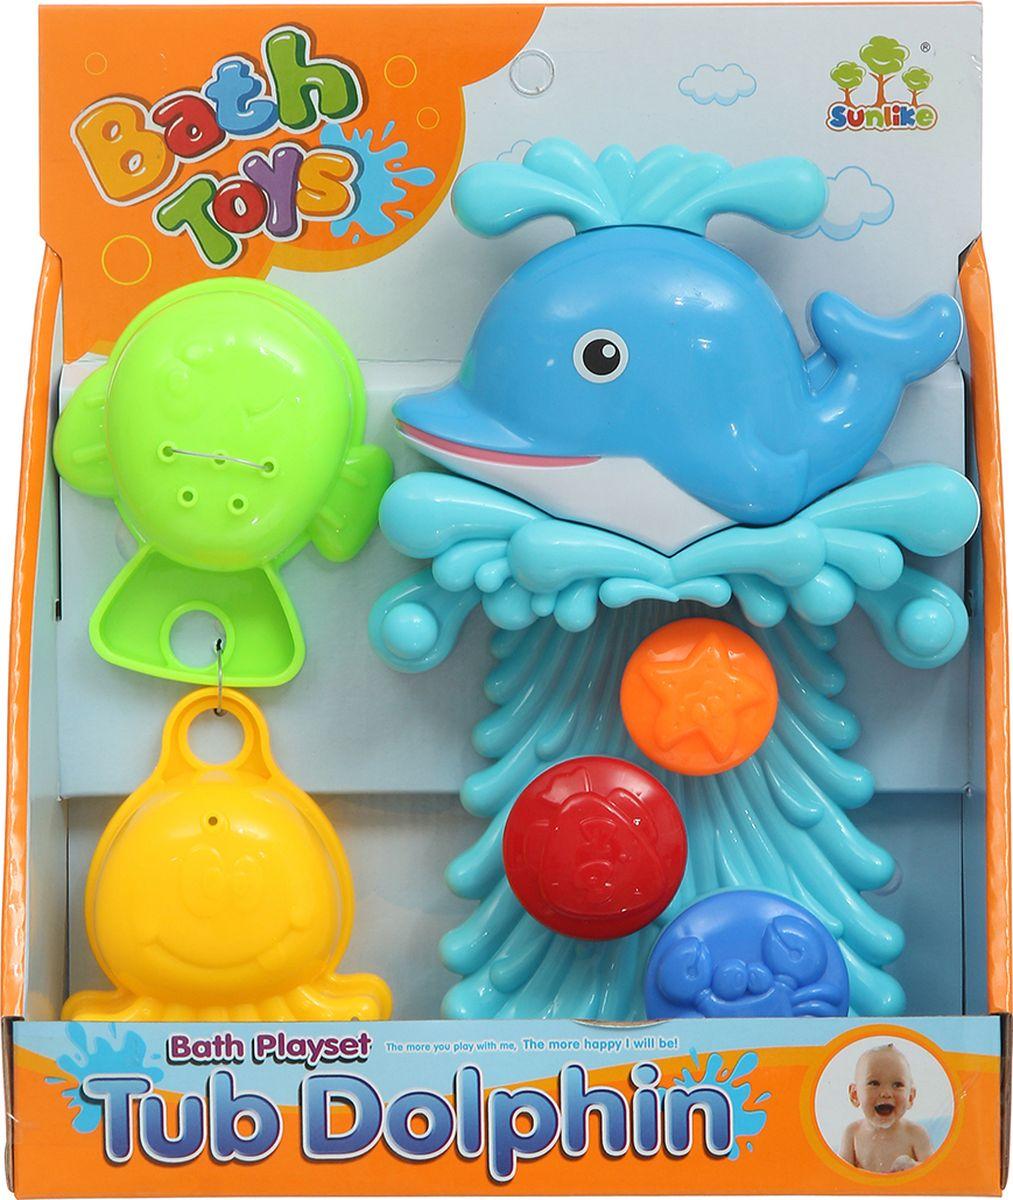 Shantou Gepai Набор игрушек для ванной Дельфинчик 3 предмета магазин игрушек игра для детей